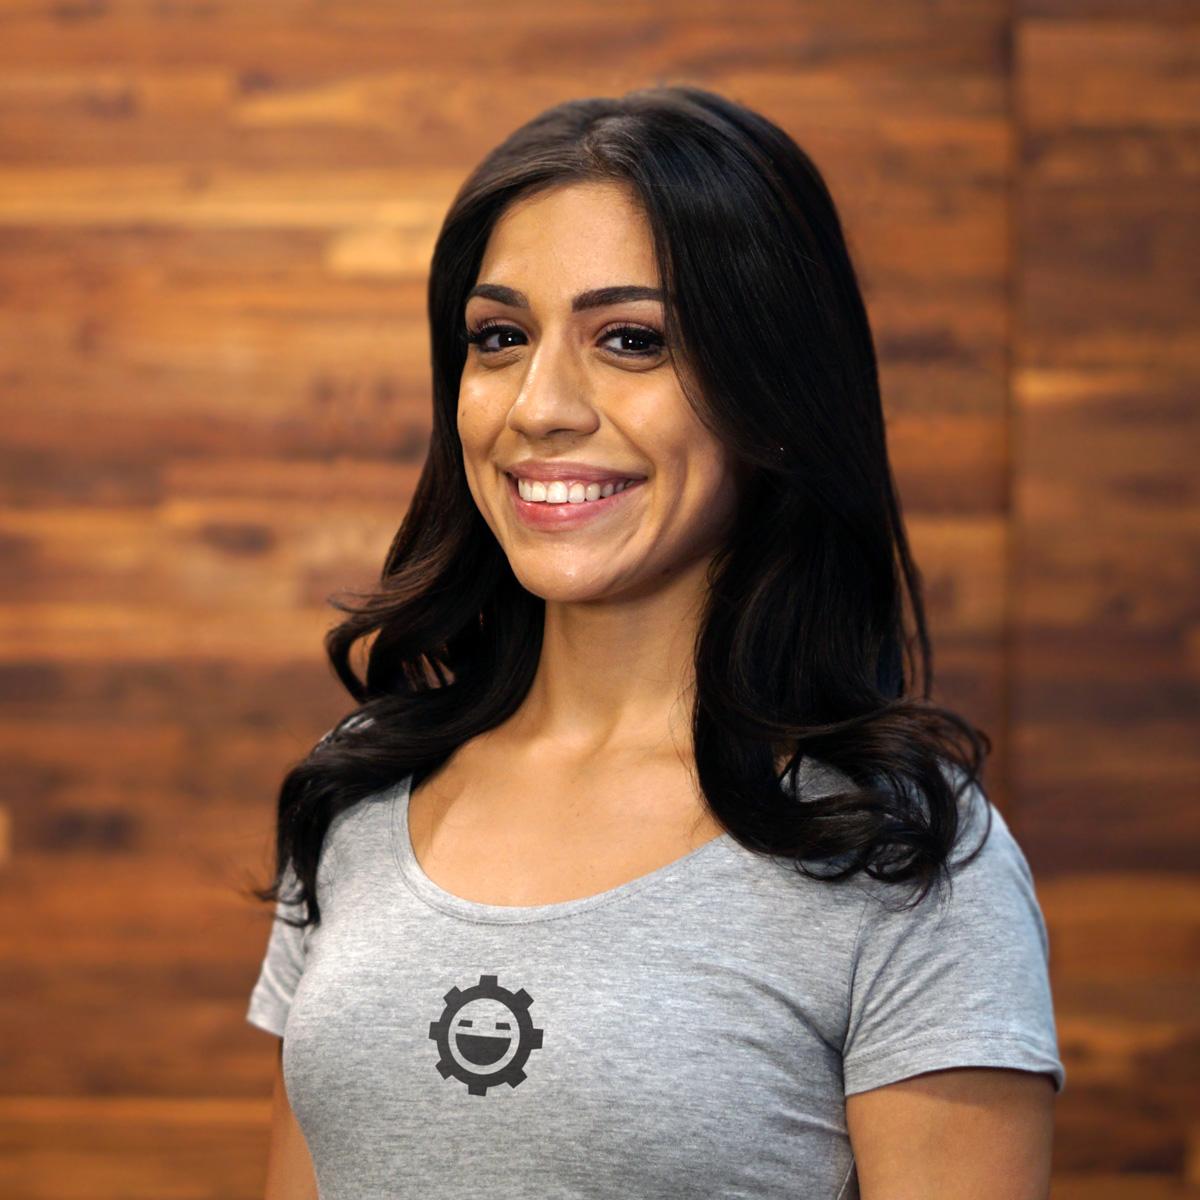 Roxanne Delgado fitness trainer in phoenix